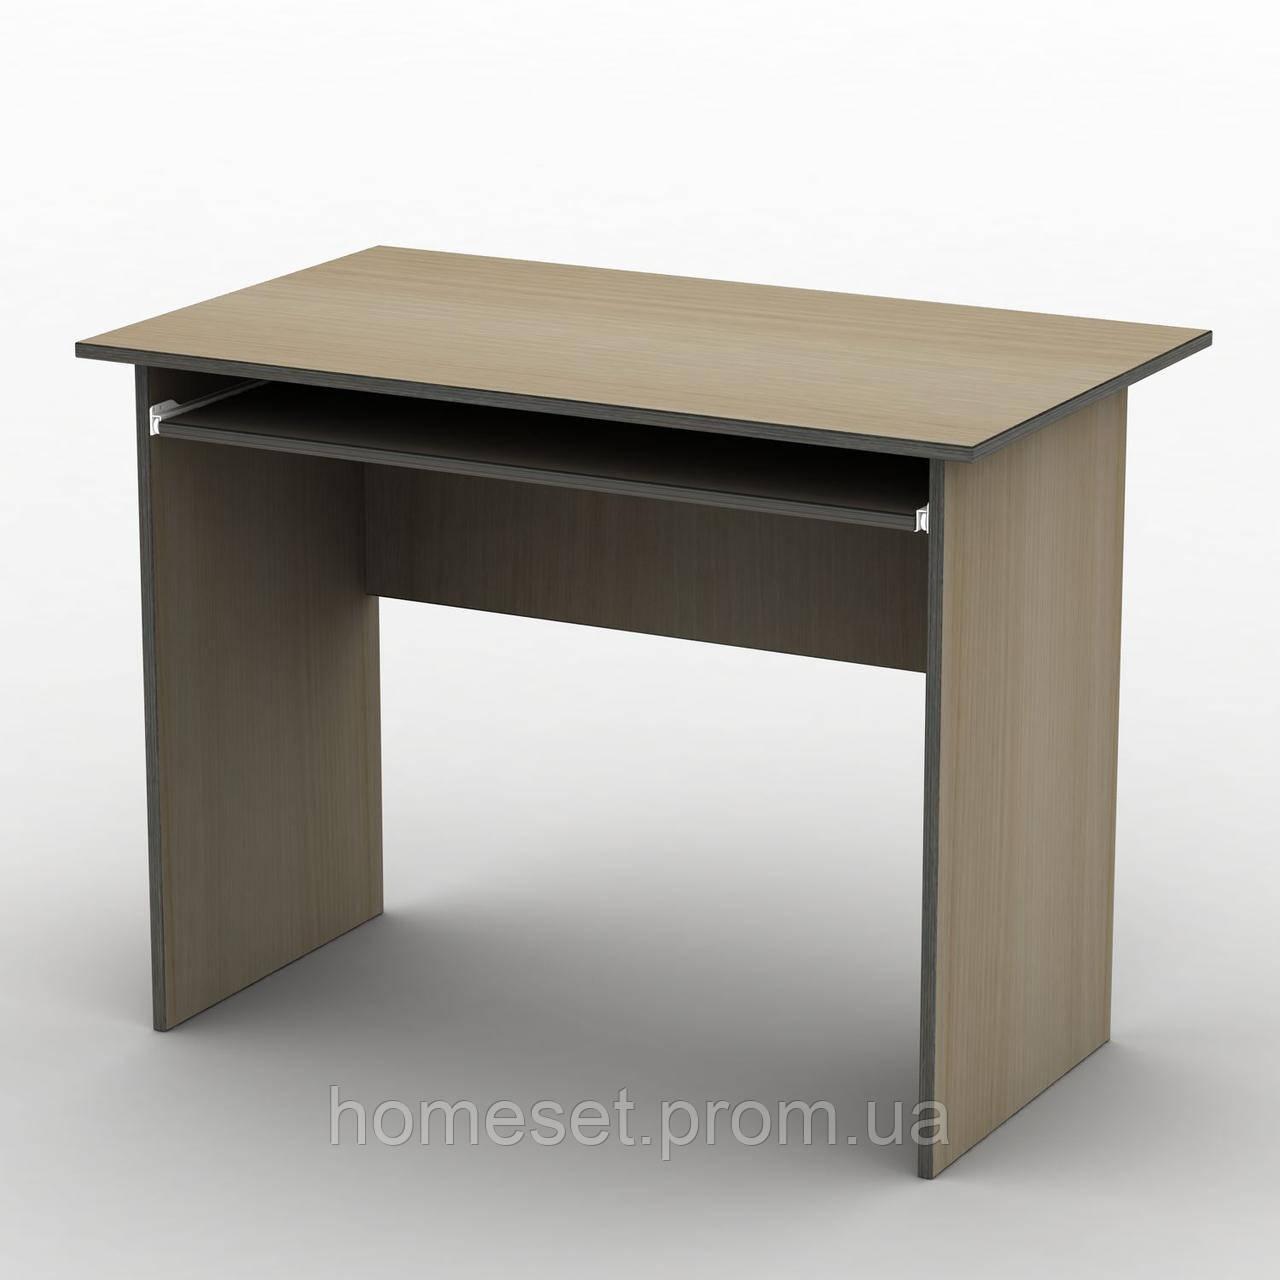 Дешовый письменный стол СК-1\1